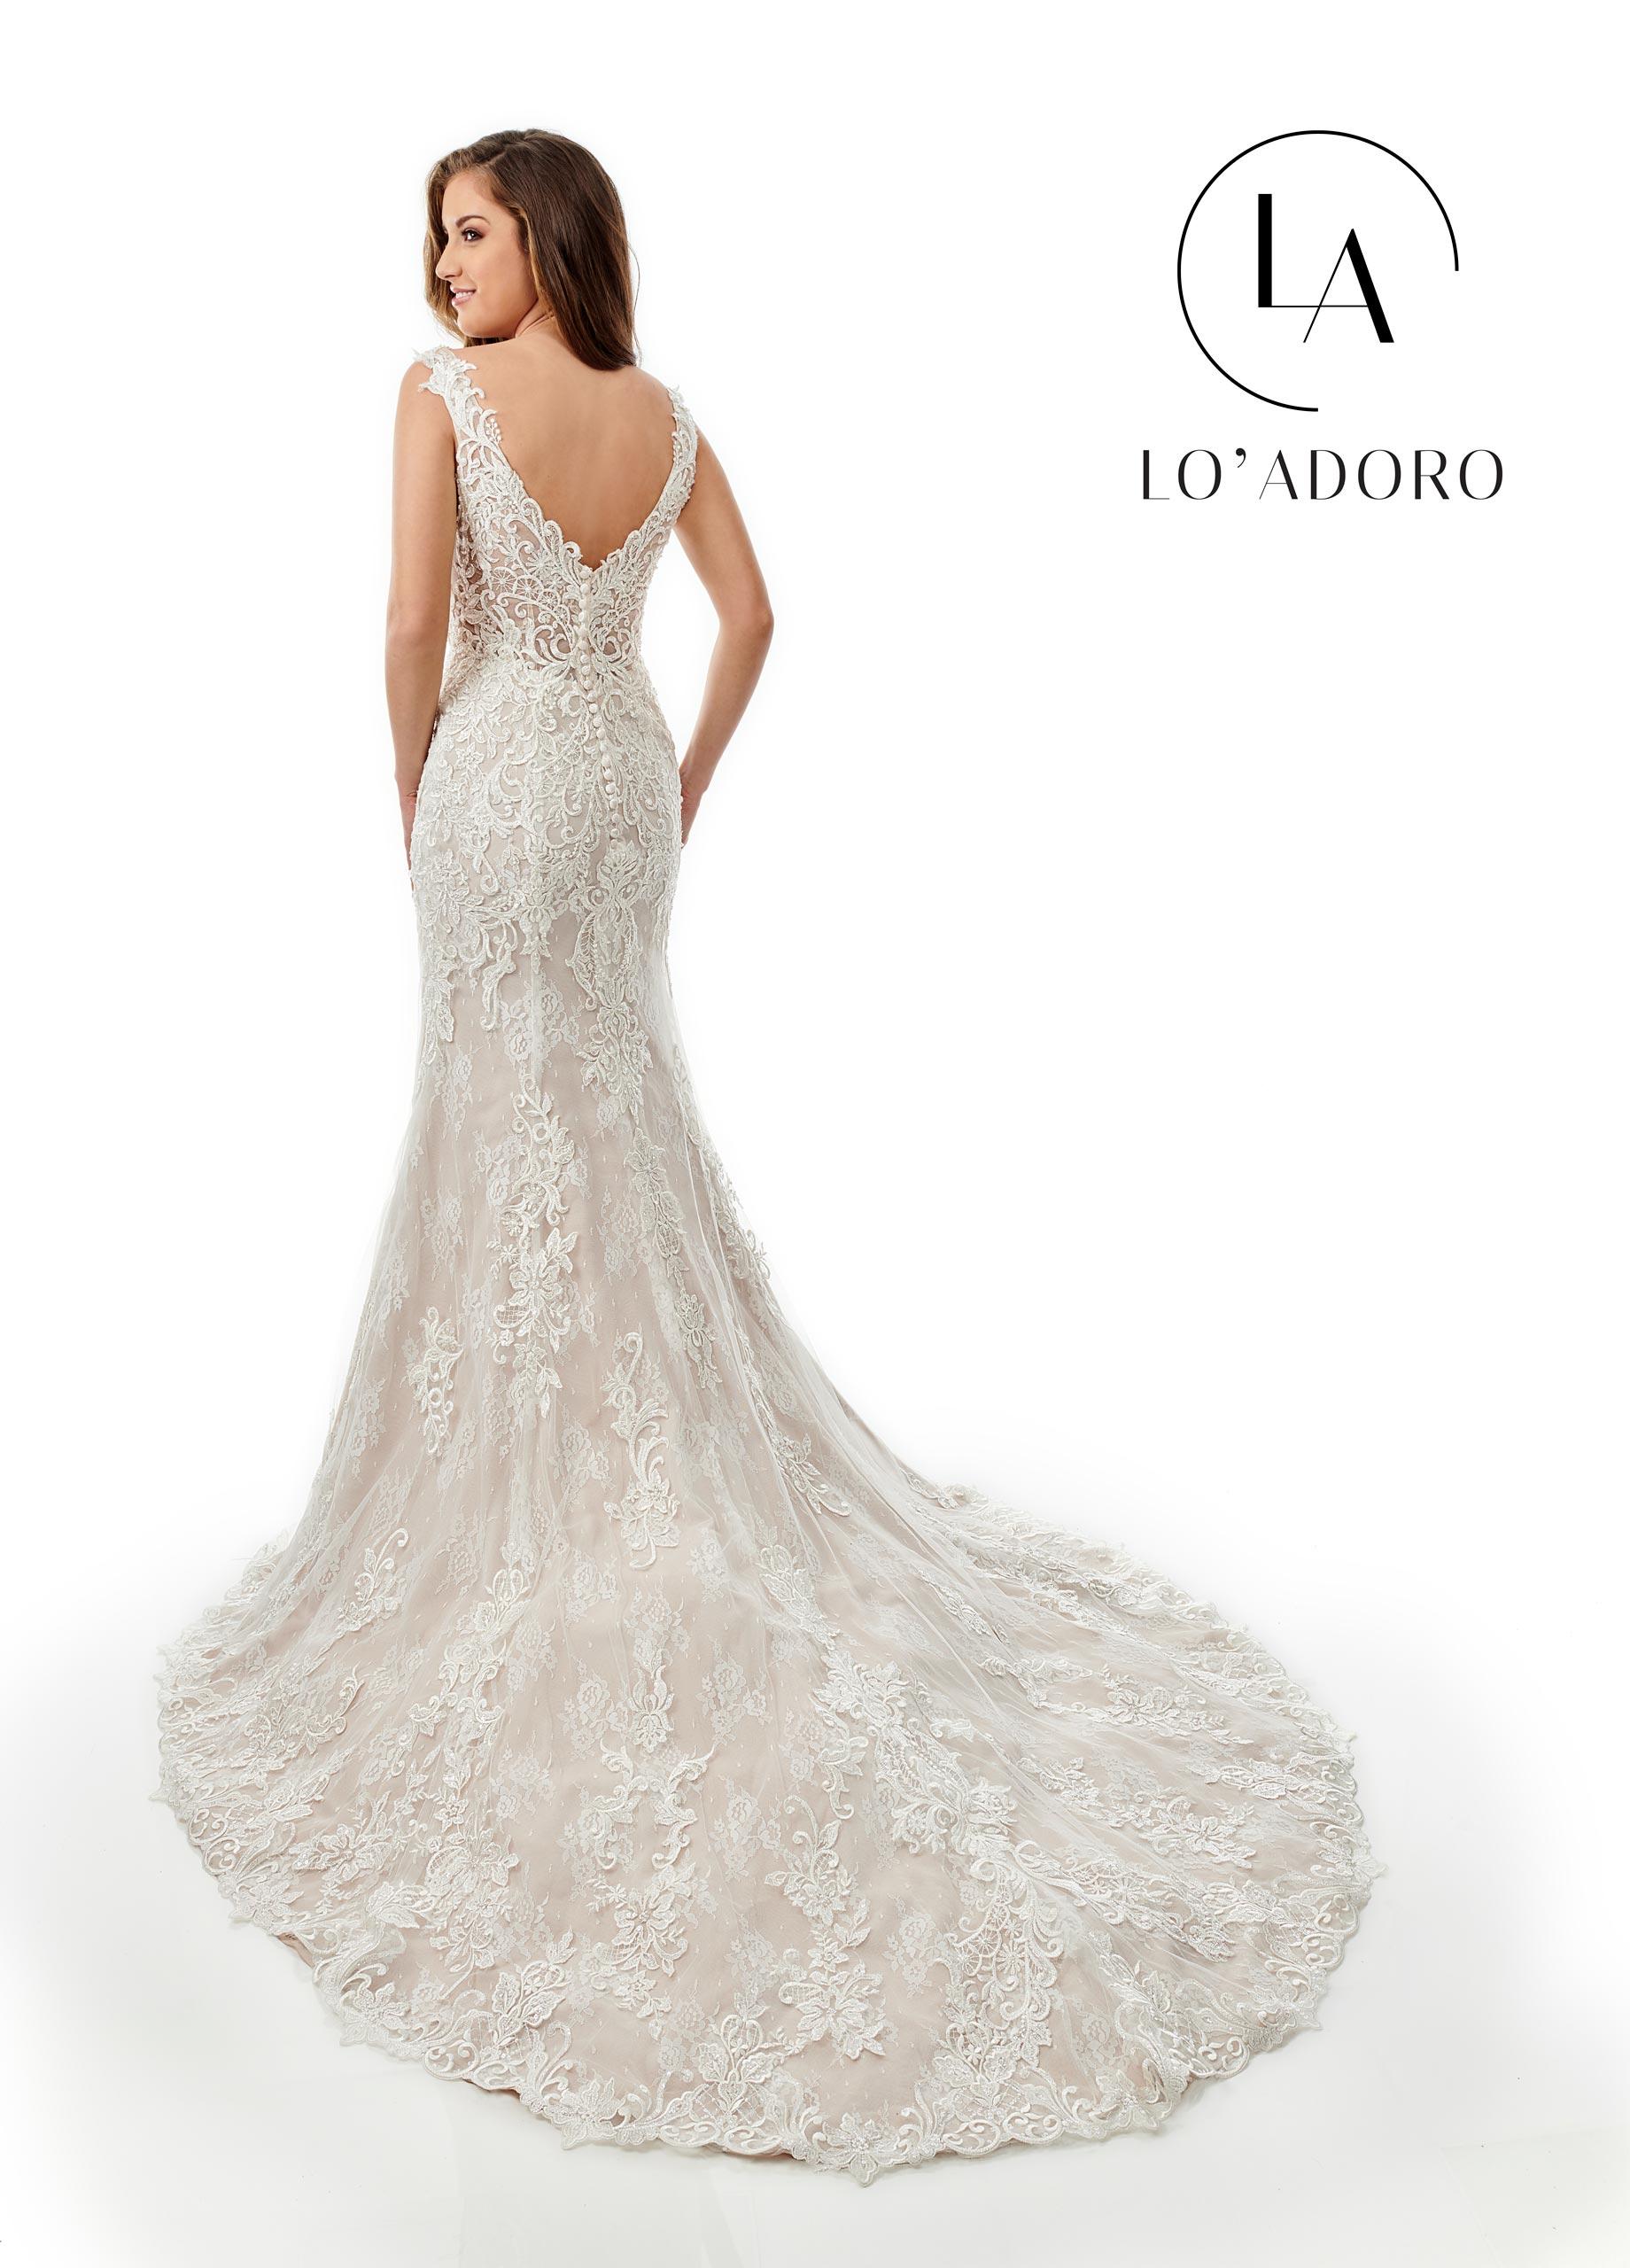 Lo Adoro Bridal Dresses   Lo' Adoro   Style - M749